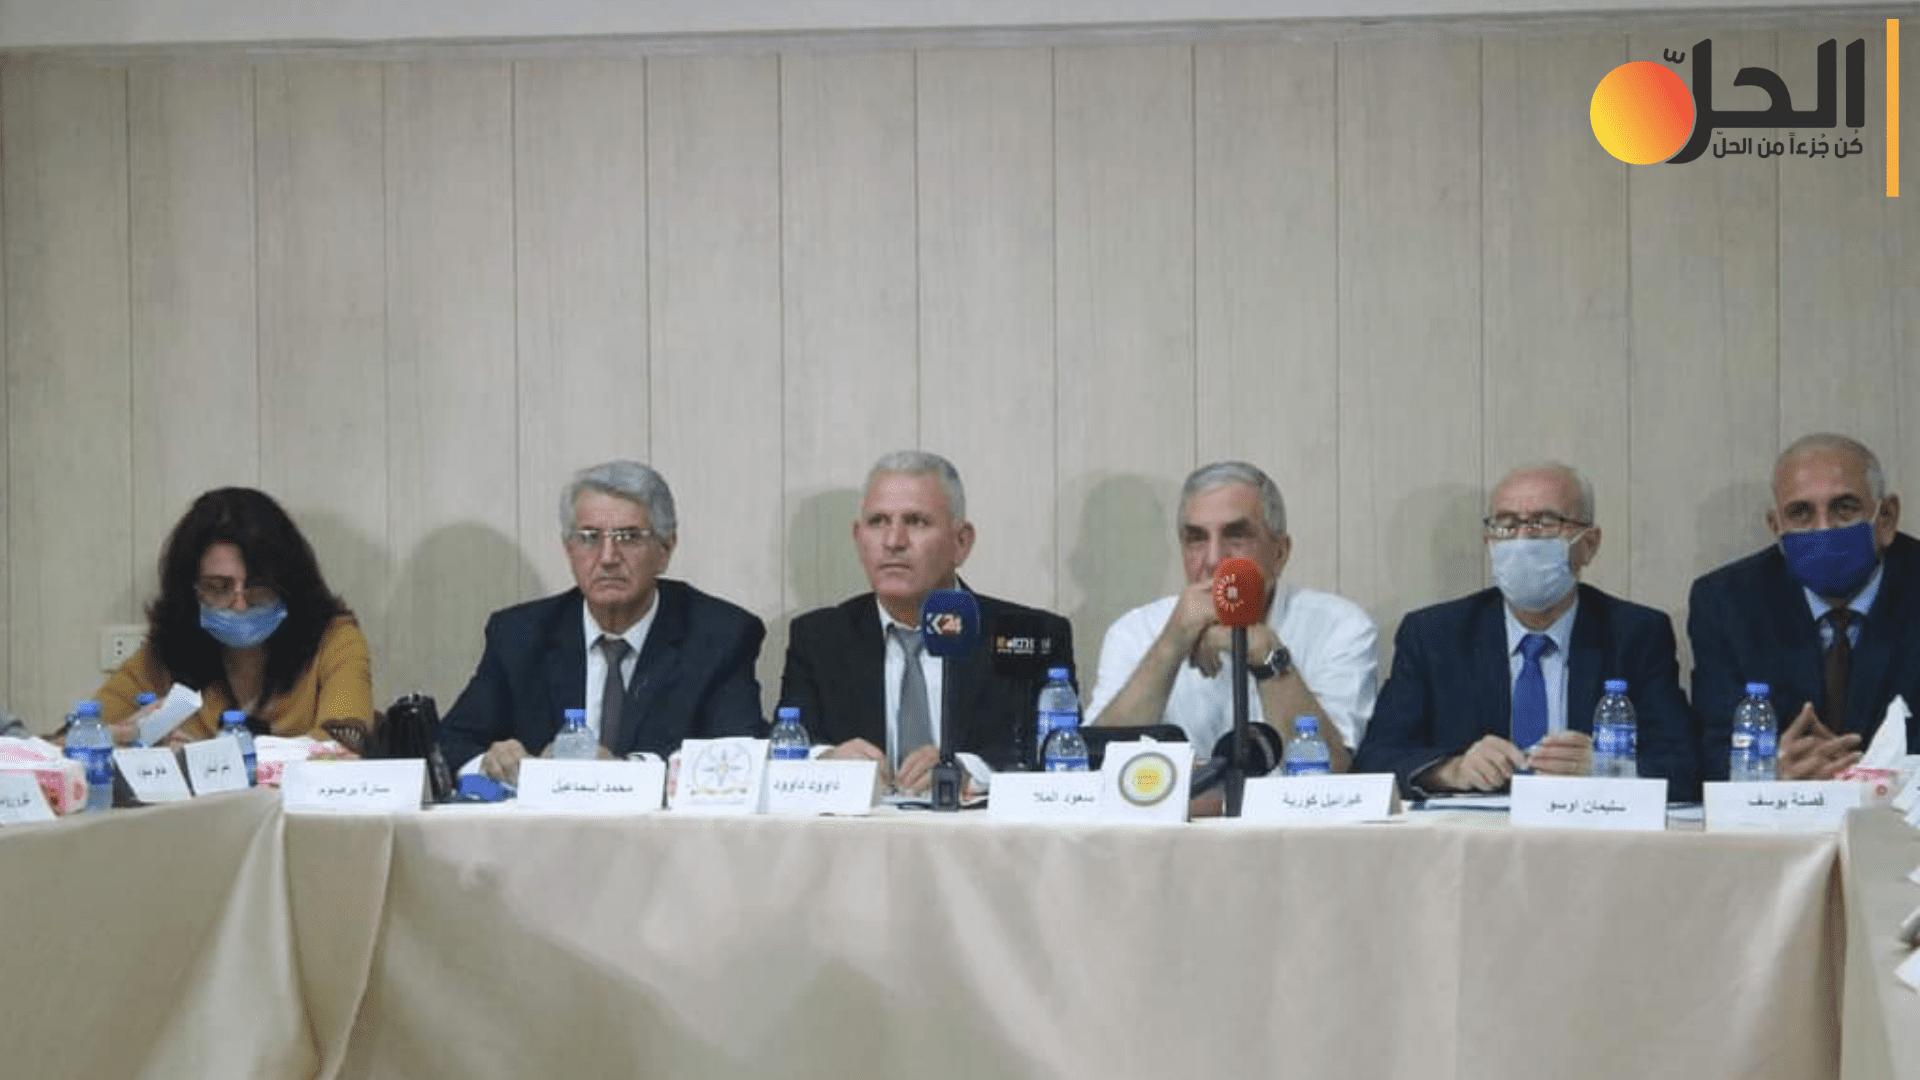 """""""السلام والحرية"""" تكشف عن نتائج اجتماعها مع ممثلي الولايات المتحدة ضمن الملف السوري"""